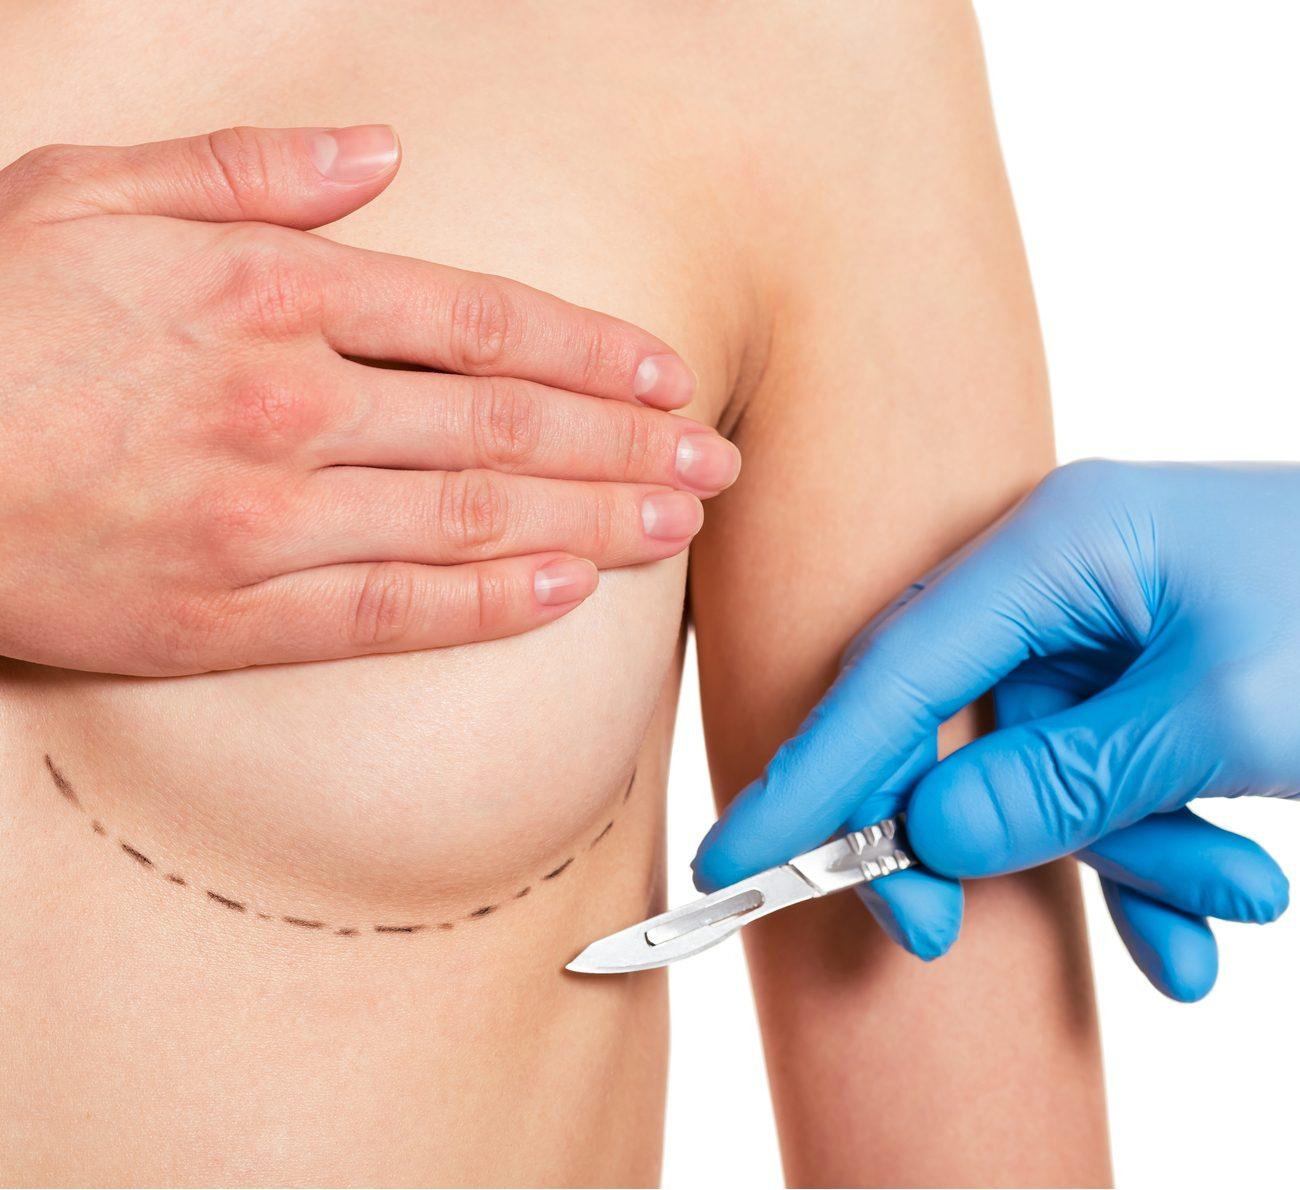 amamentação após mamoplastia